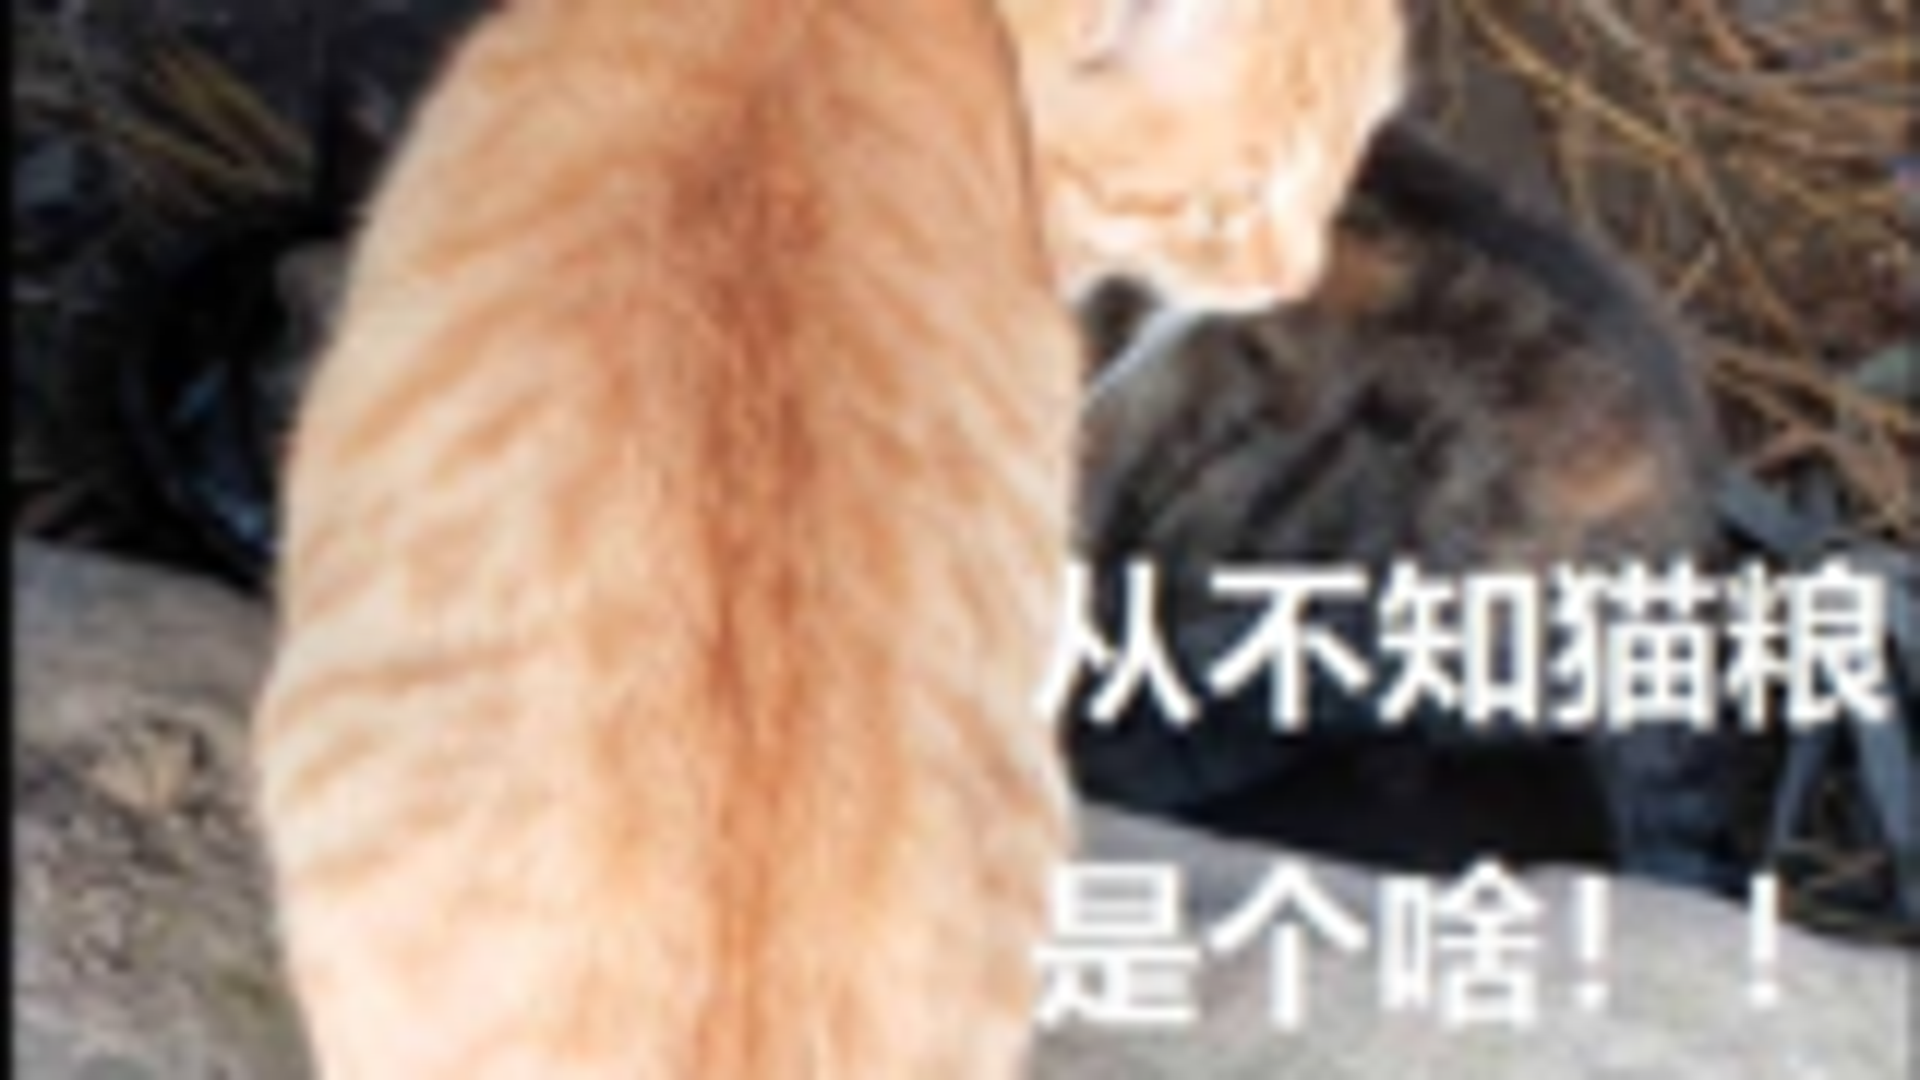 农村橘猫和狸花猫吃白米饭不挑食,等疫情结束再钓鱼你们吃,乖哦